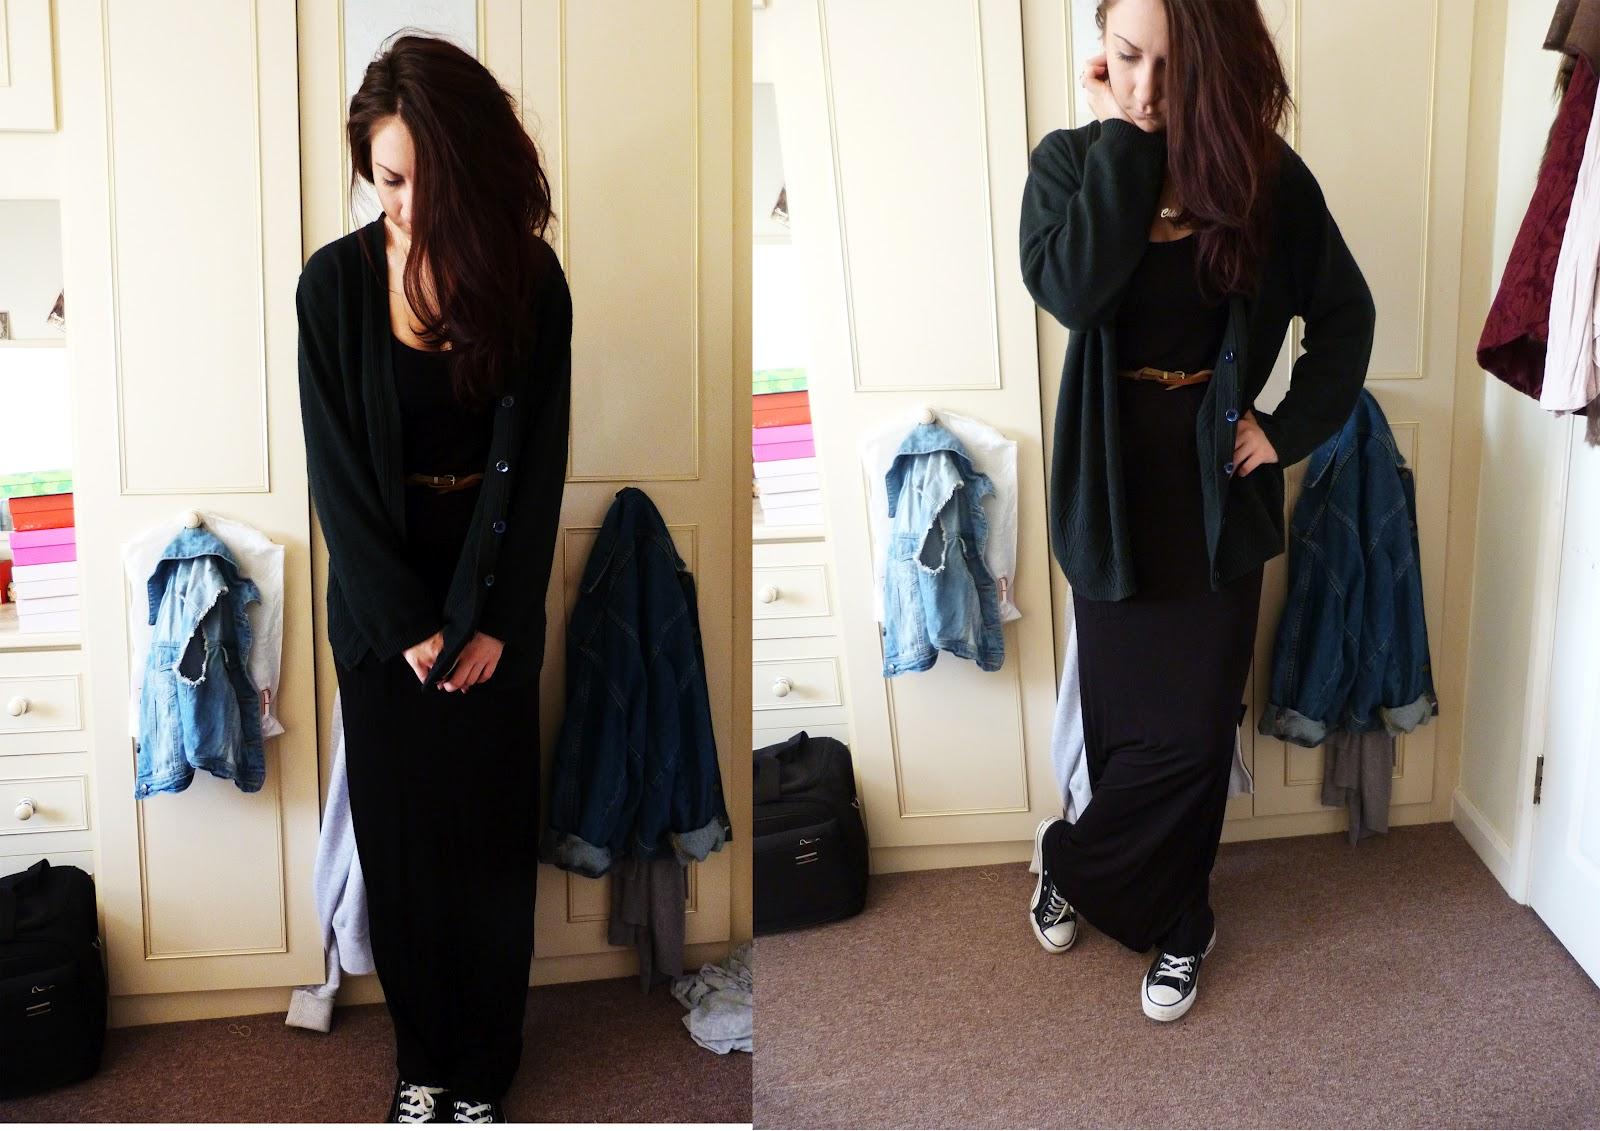 http://4.bp.blogspot.com/-lsPiqiMDB_U/T2PCDmnYQYI/AAAAAAAABj8/KjzDpc-aFj4/s1600/outfit.jpg